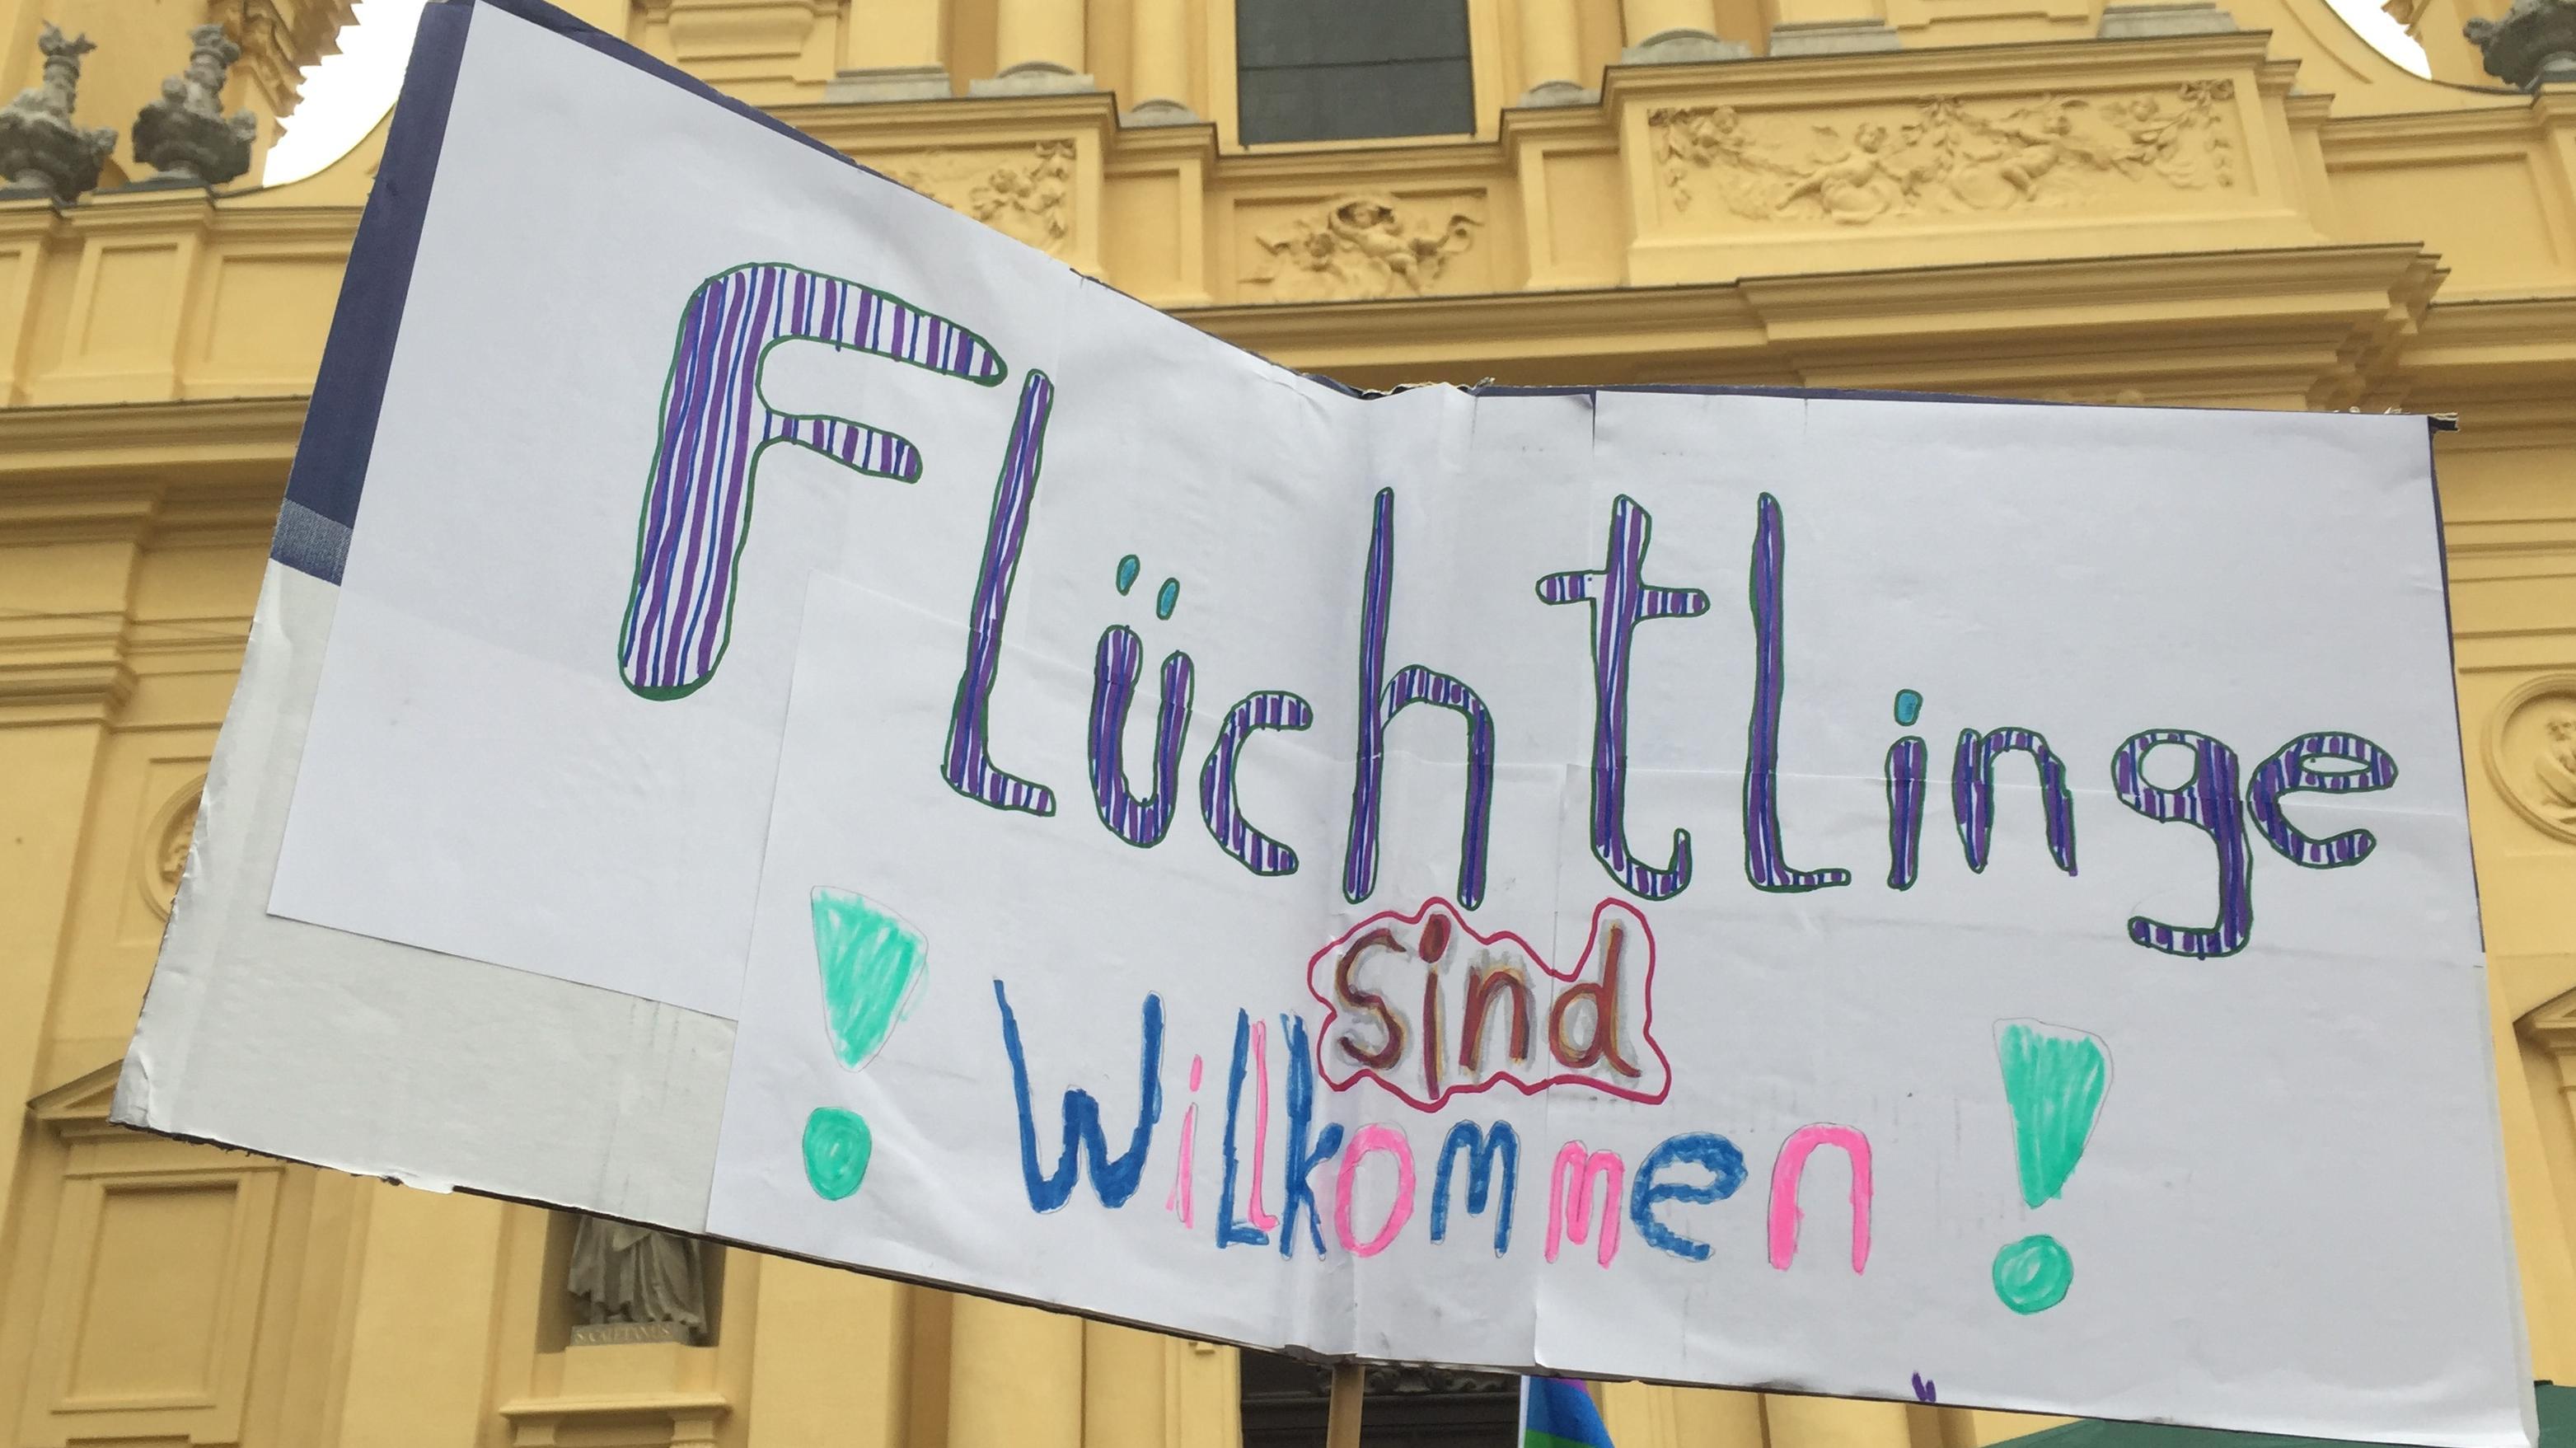 Organisationen aus der Bürgerrechtsbewegung waren dabei, Kirchen, Gewerkschaften und politische Parteien wie die Grünen, die Linke und die SPD.